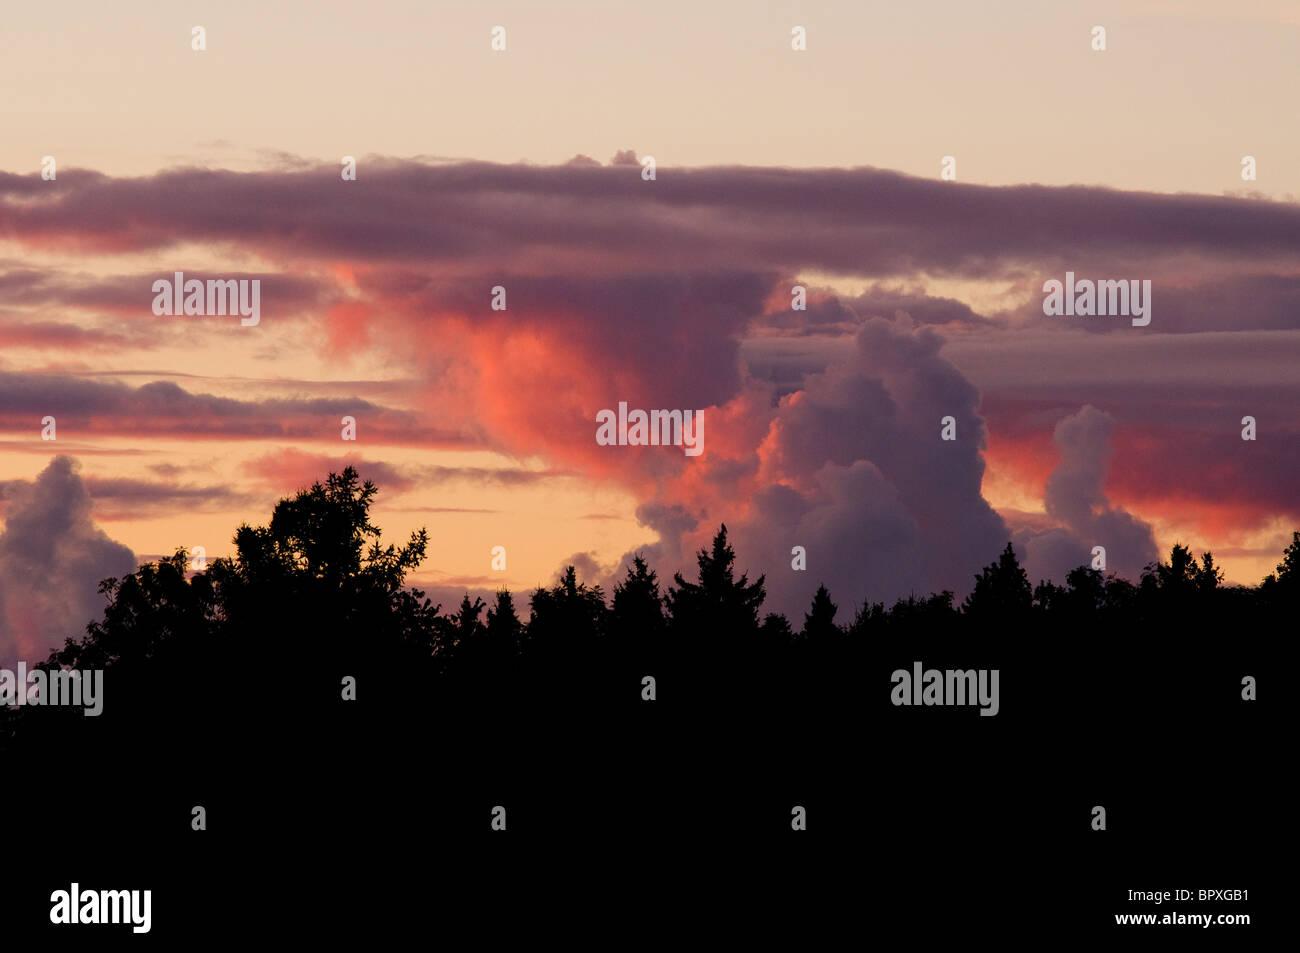 Les nuages d'automne à l'horizon au coucher du soleil en Septembre Photo Stock